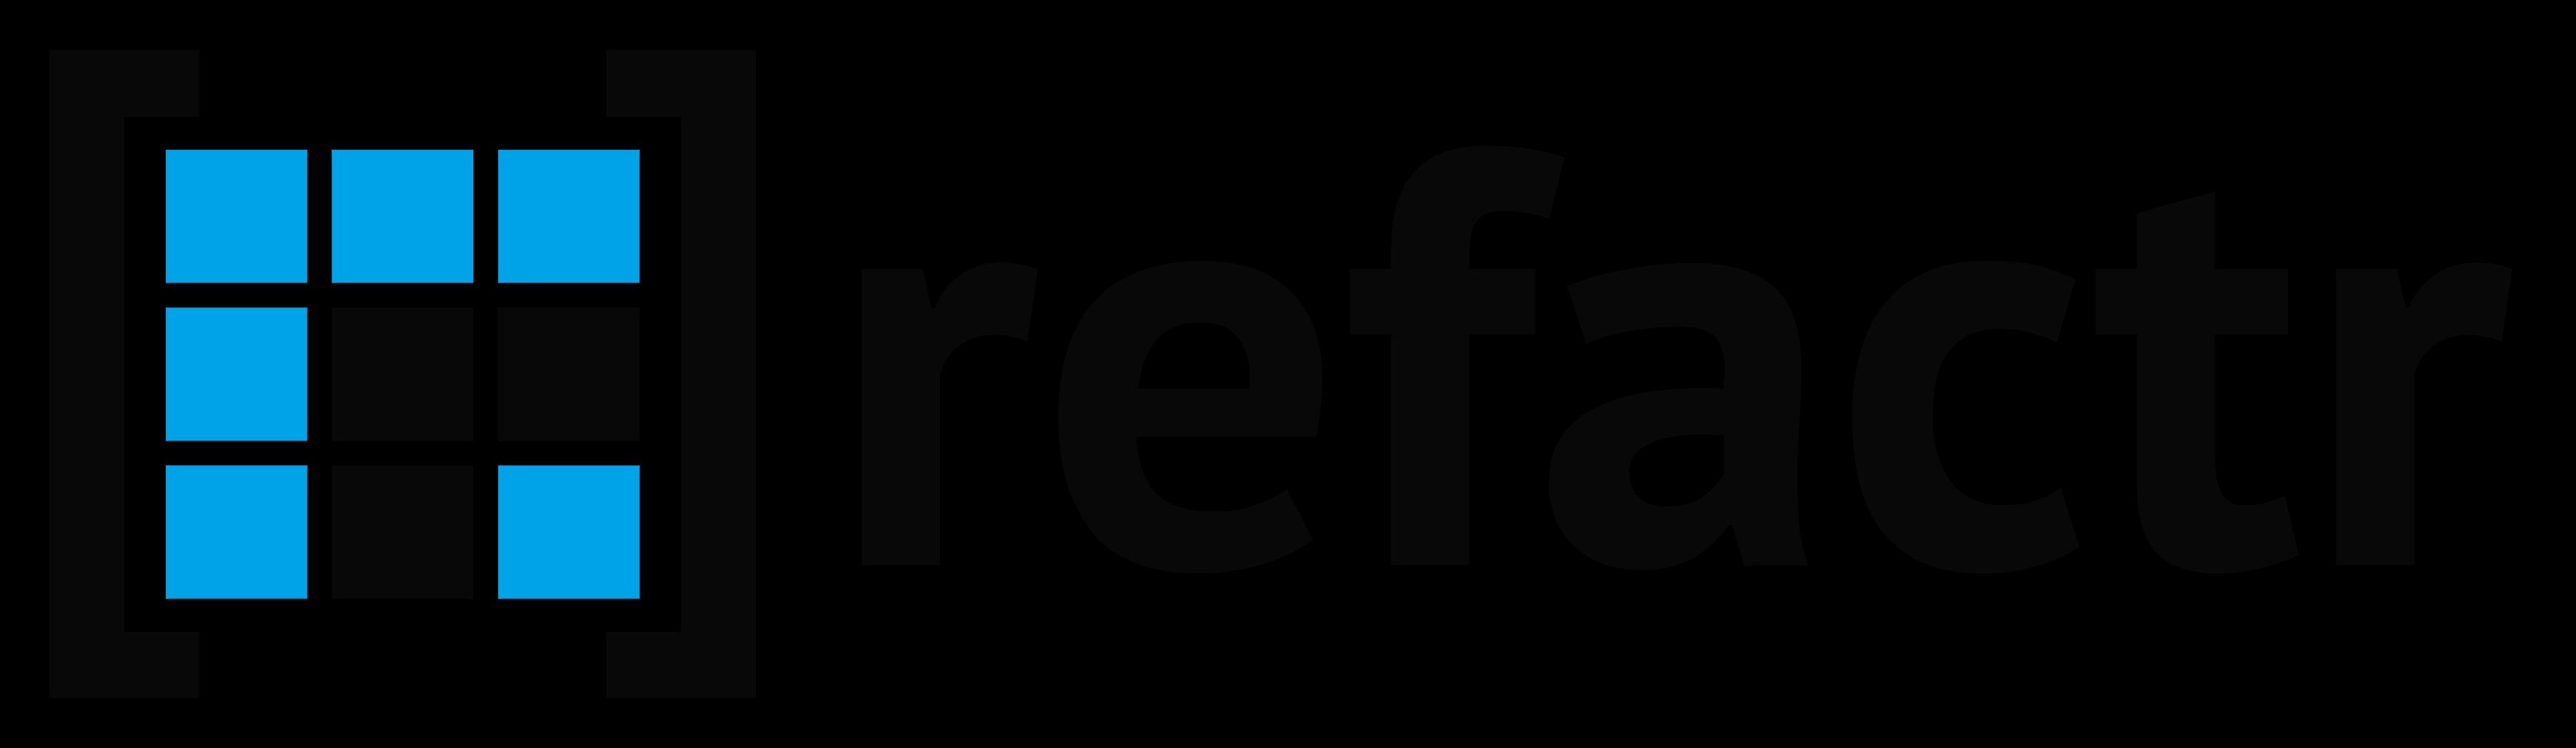 refactr